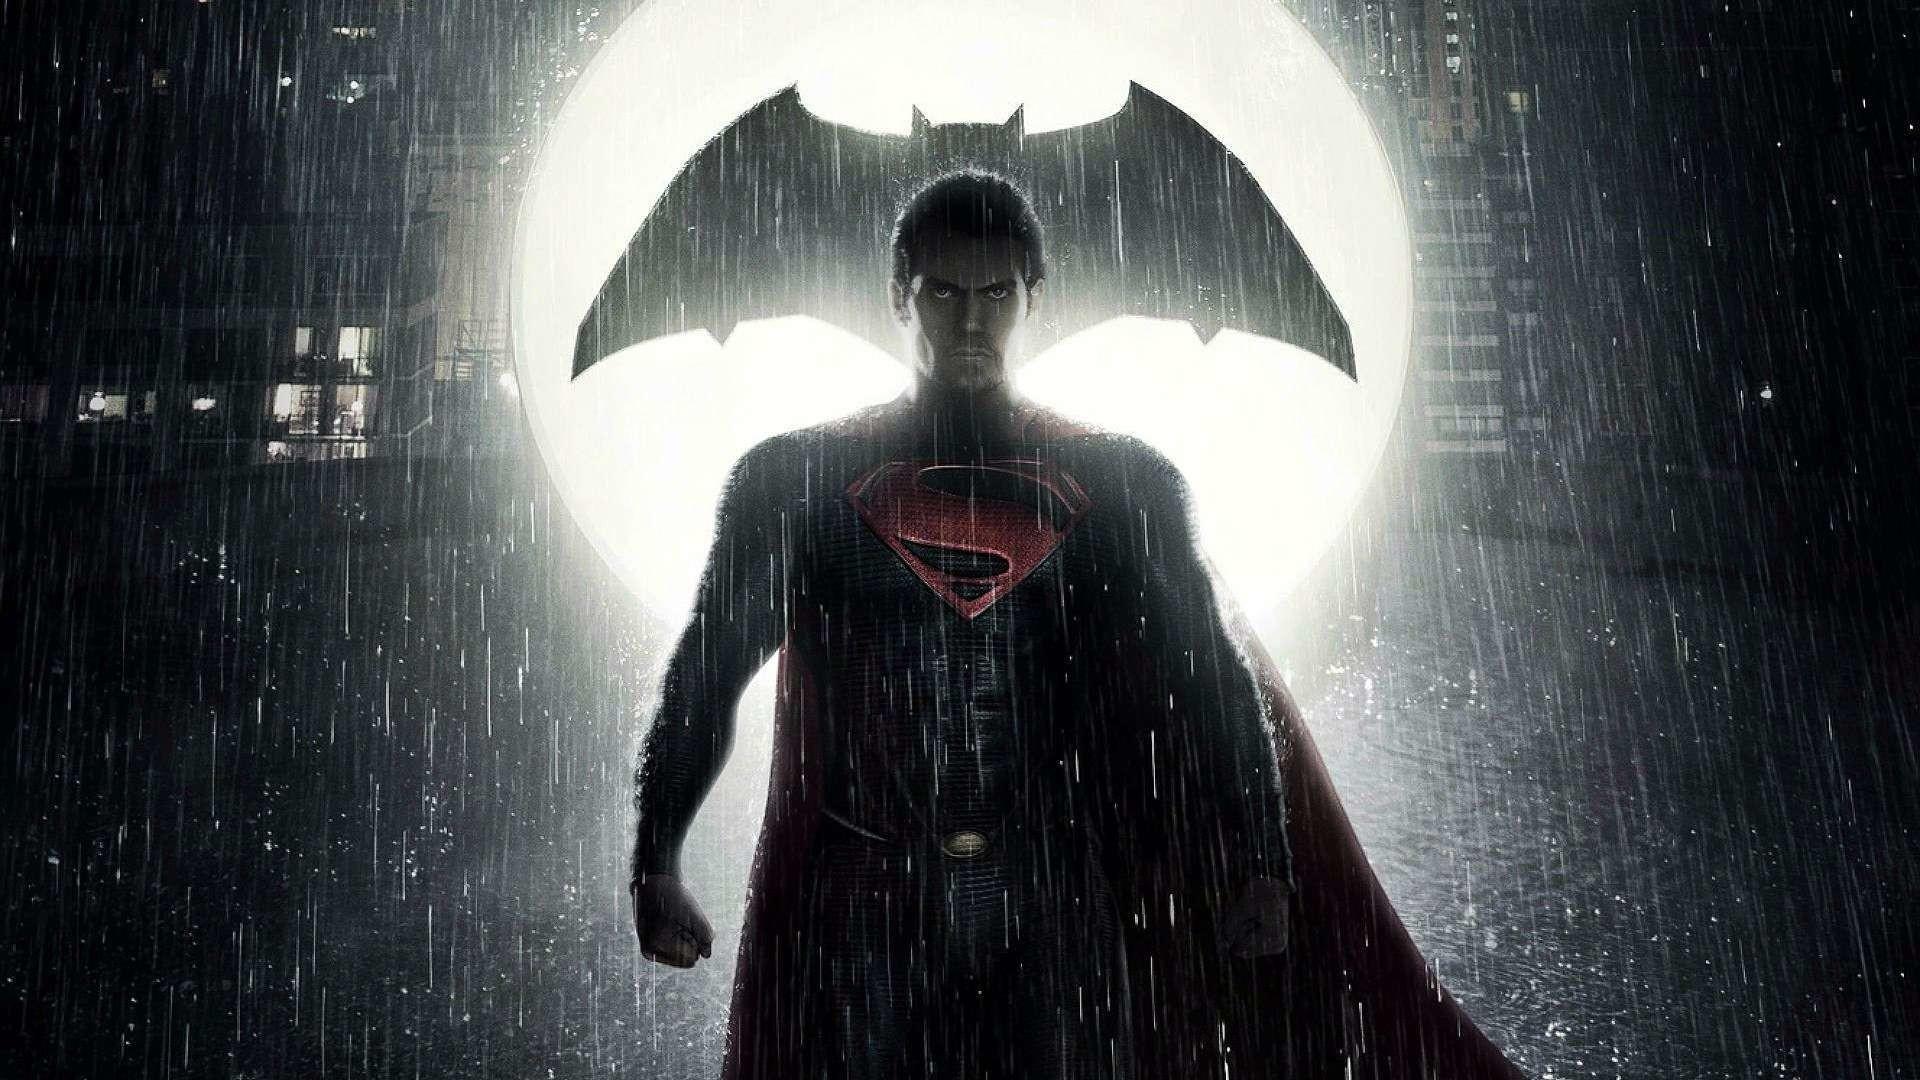 … batman vs superman wallpapers wallpaper cave …